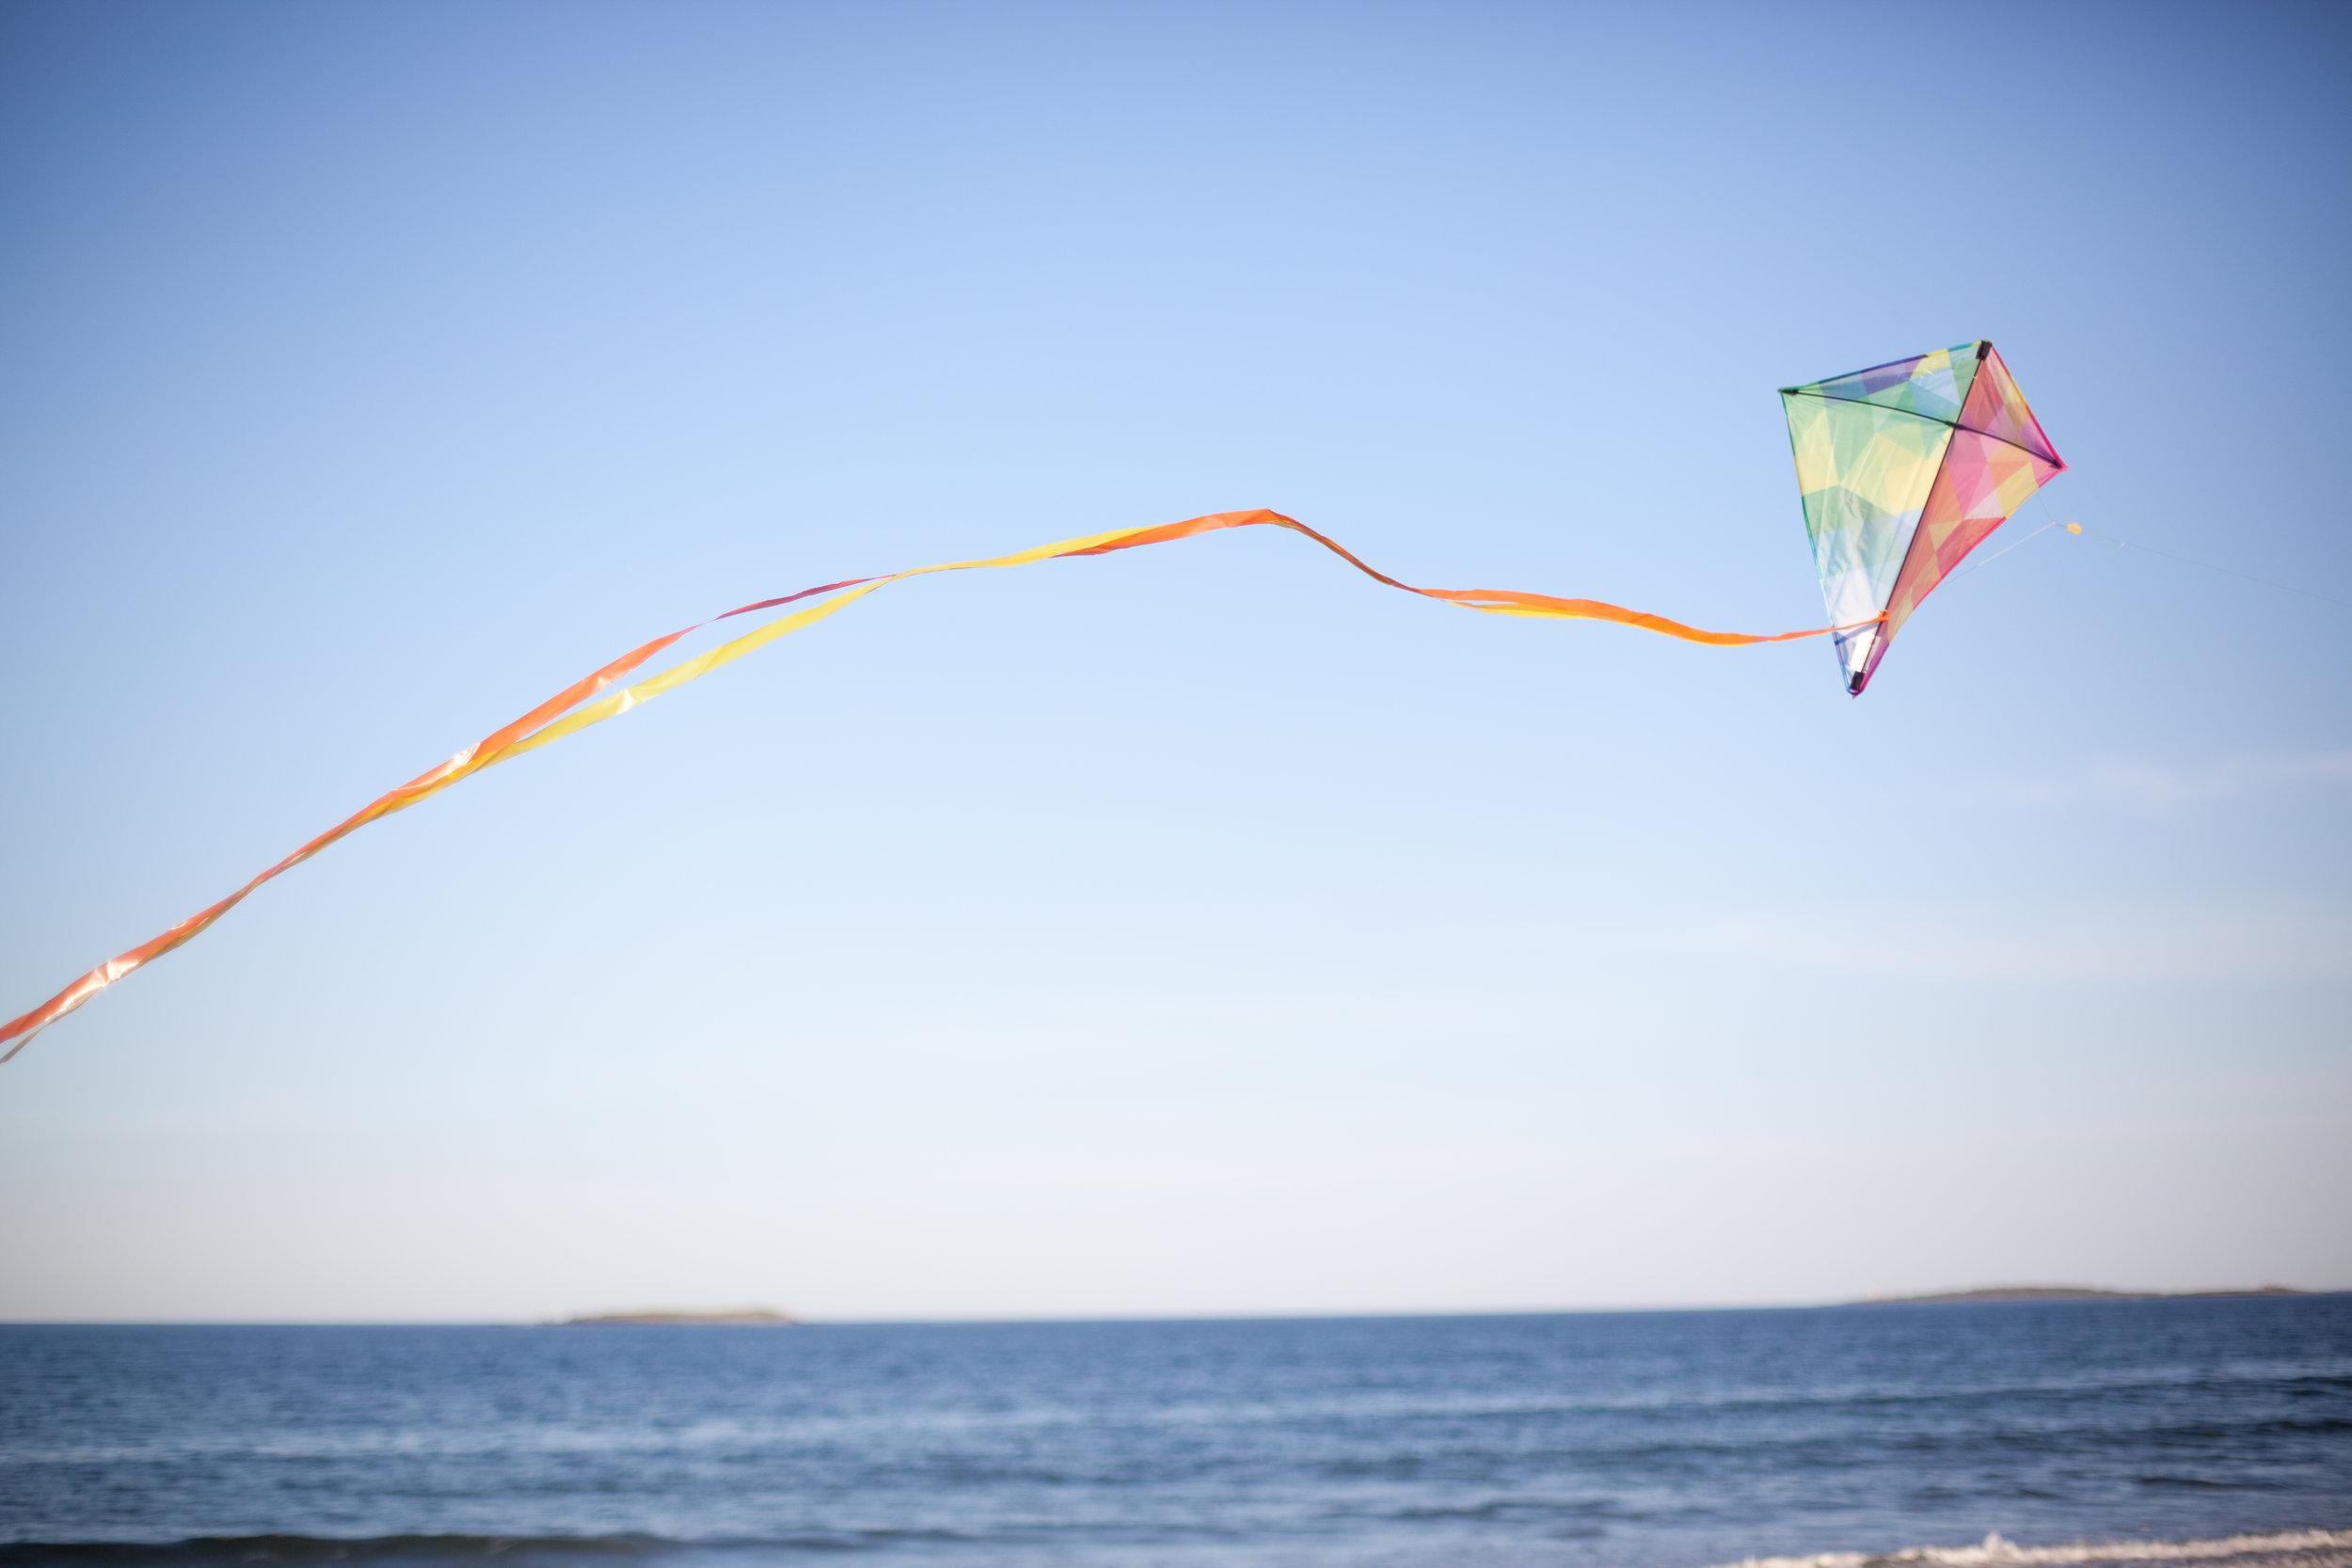 fly_a_kite_photo_0001.jpg